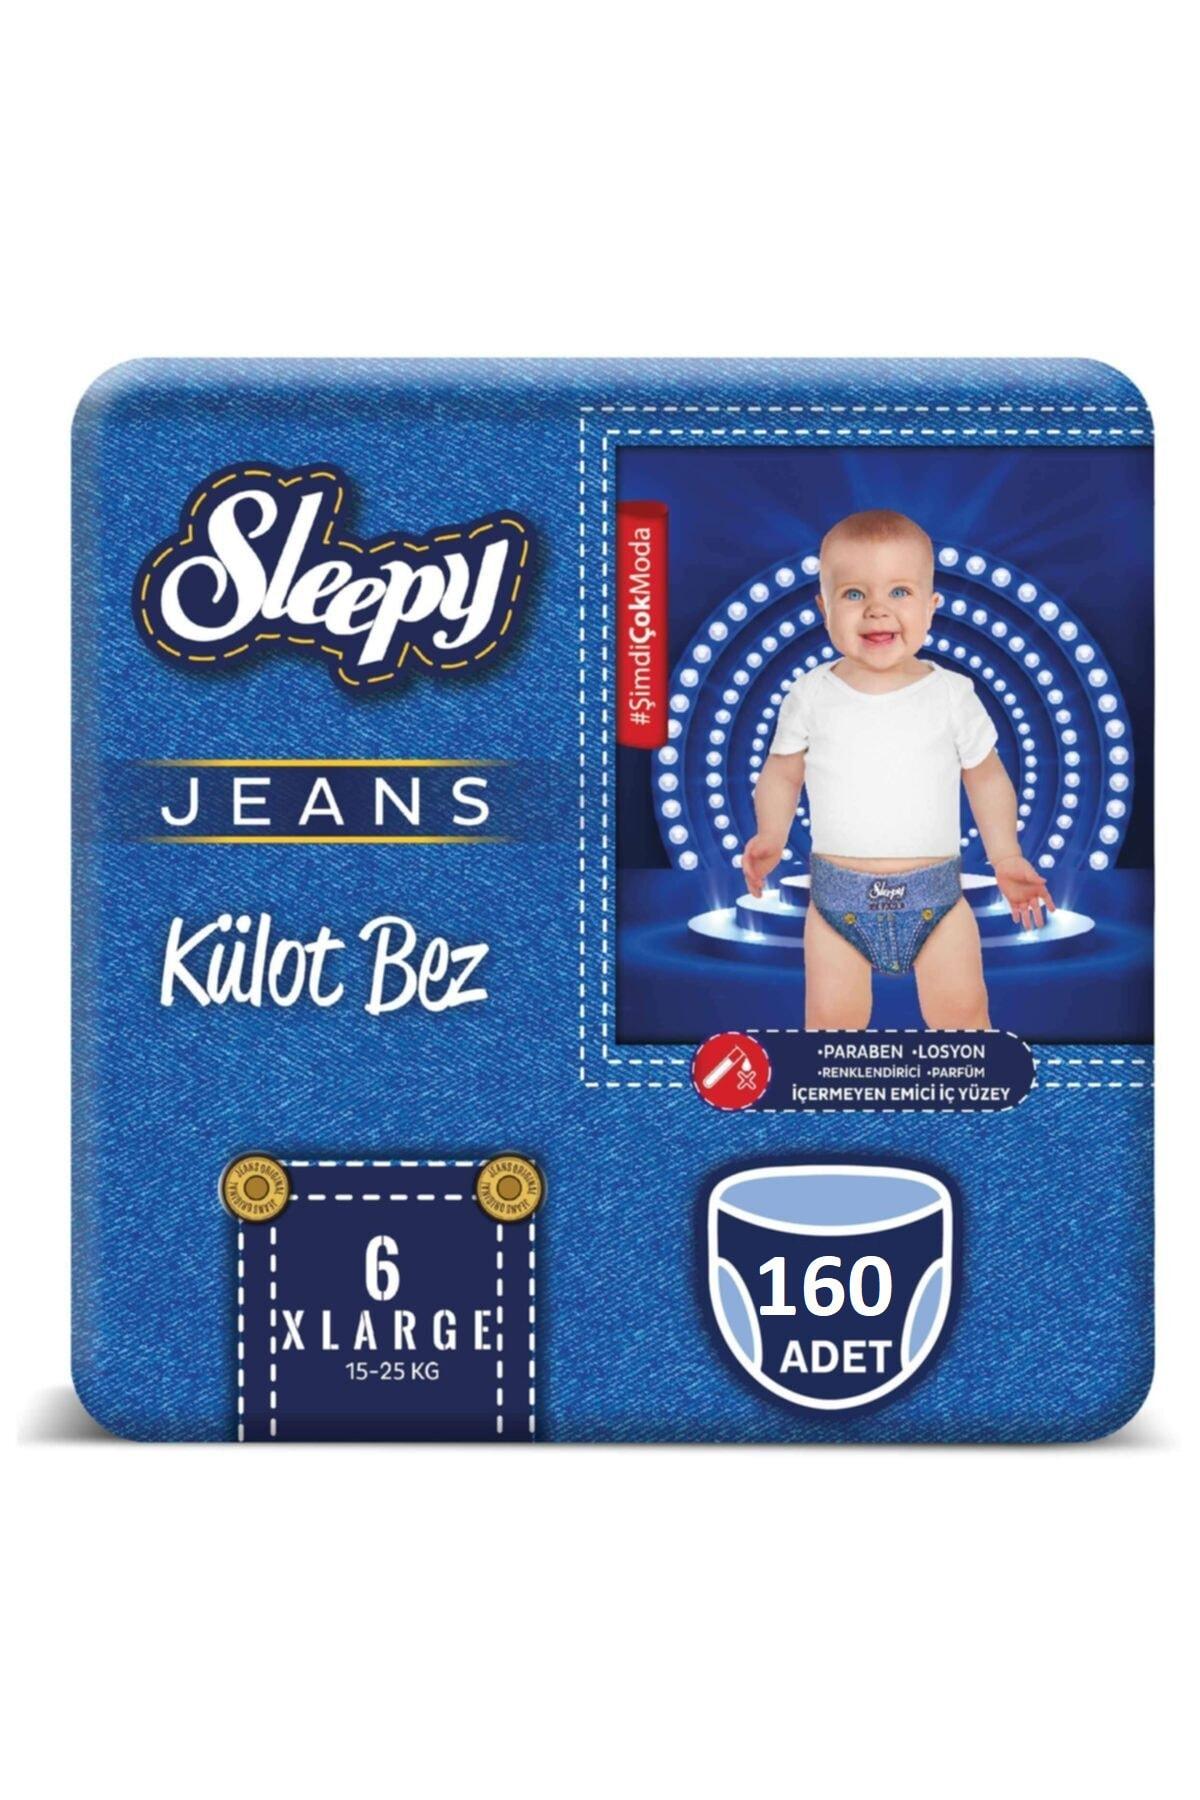 Sleepy Jeans Külot Bez 6 Beden Numara Xlarge 160 Adet 15-25 Kg 1